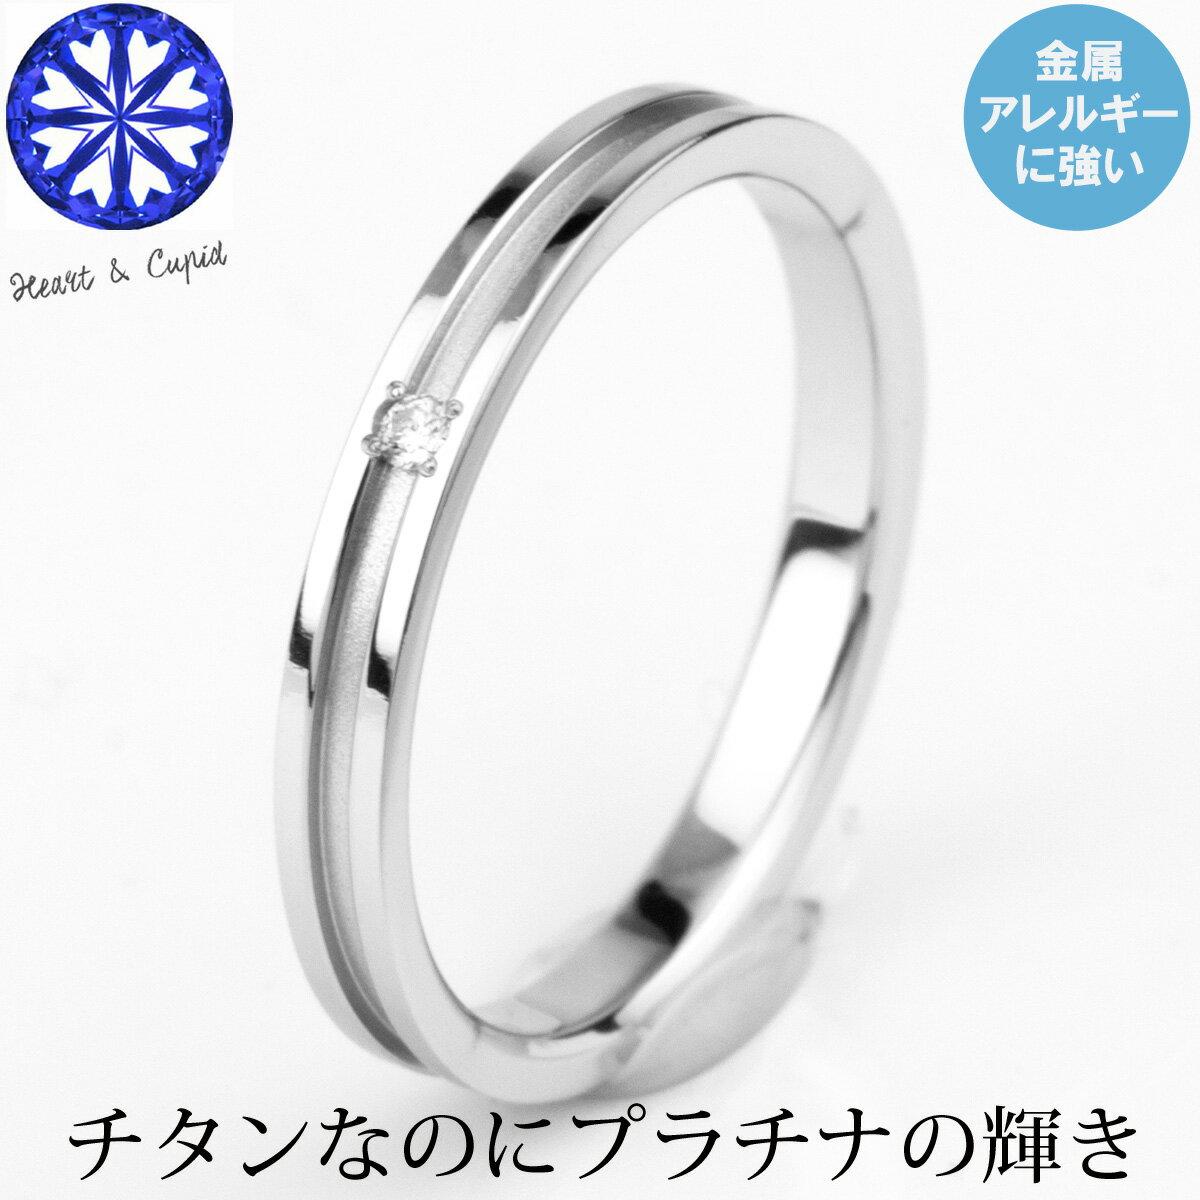 チタン 結婚指輪 純チタン マリッジリング 日本製 単品 鏡面仕上げ プラチナイオンプレーティング加工 刻印無料(文字彫り) 金属アレルギーにも強い アレルギーフリー 安心 ブライダルリング 刻印可能 ダイヤモンド付き